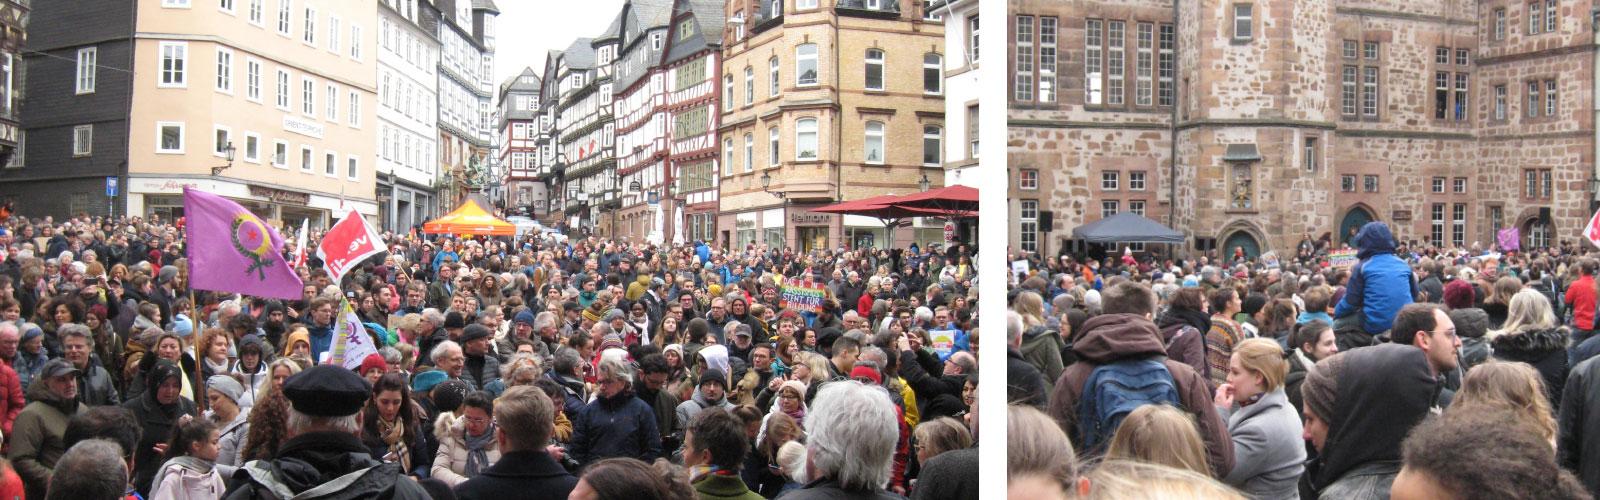 Demo in Marburg